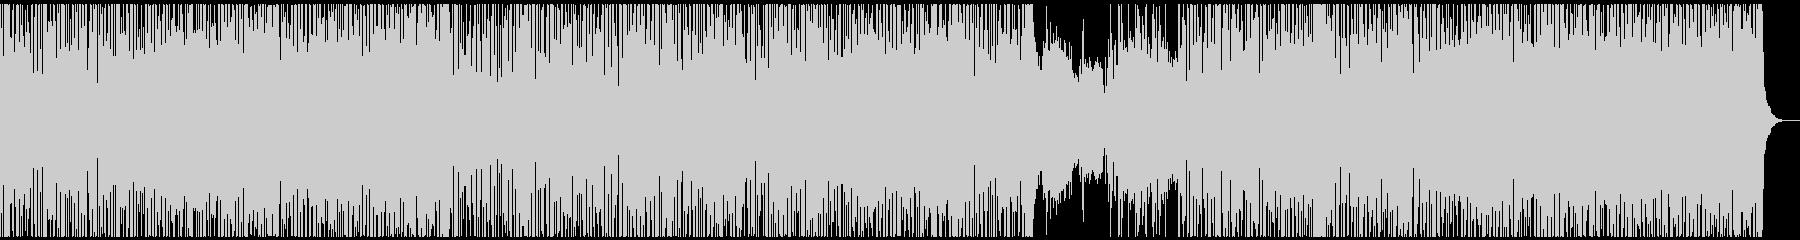 エレクトロでクールなスムースジャズの未再生の波形